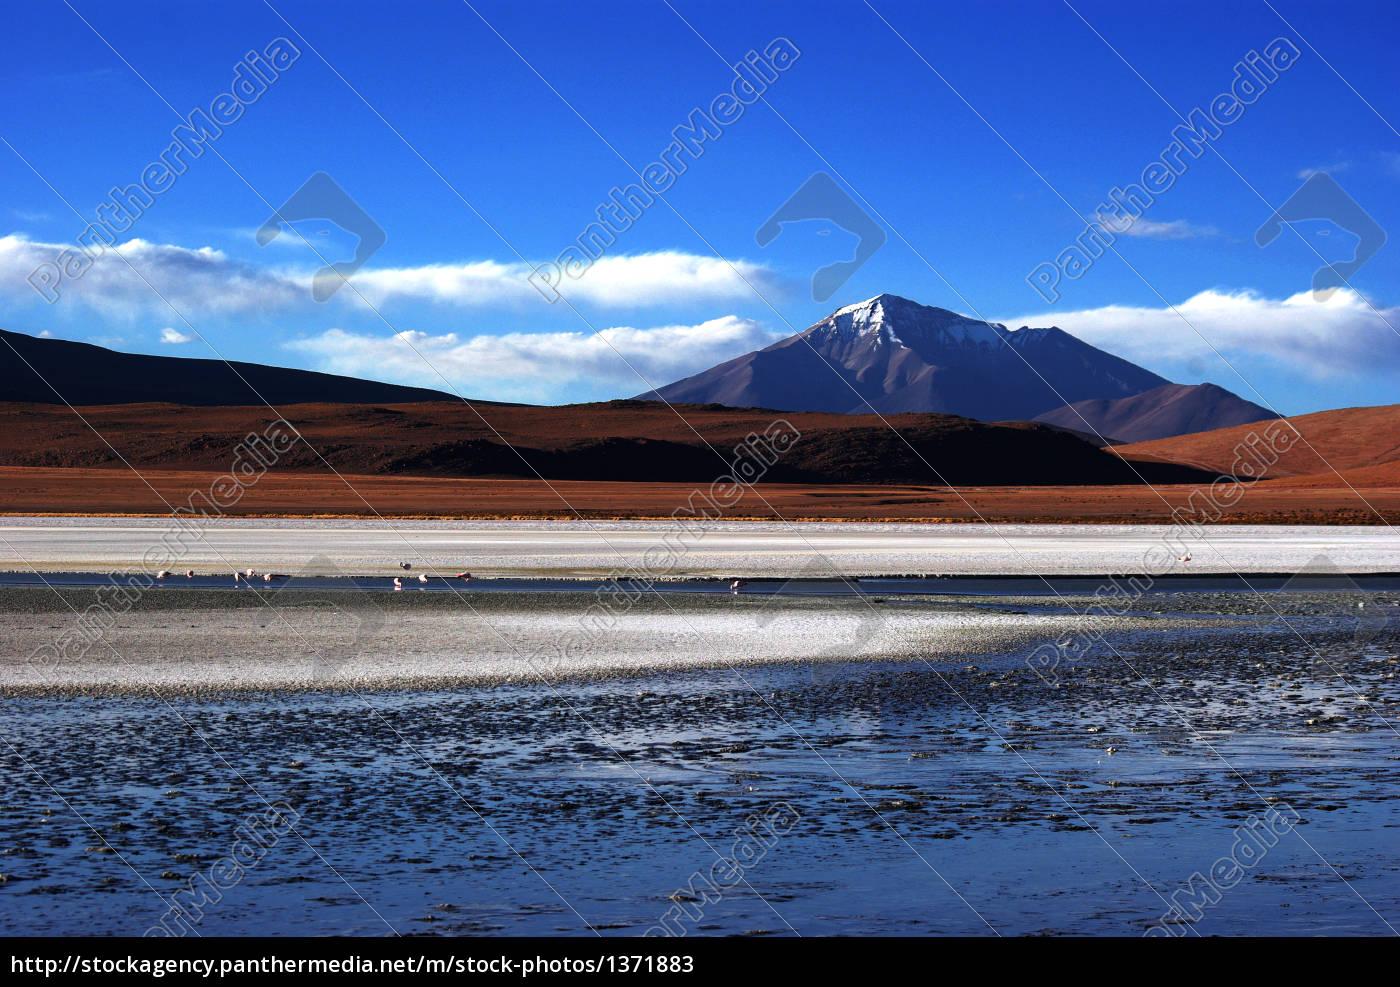 vulcan, landscape, in, bolivia - 1371883